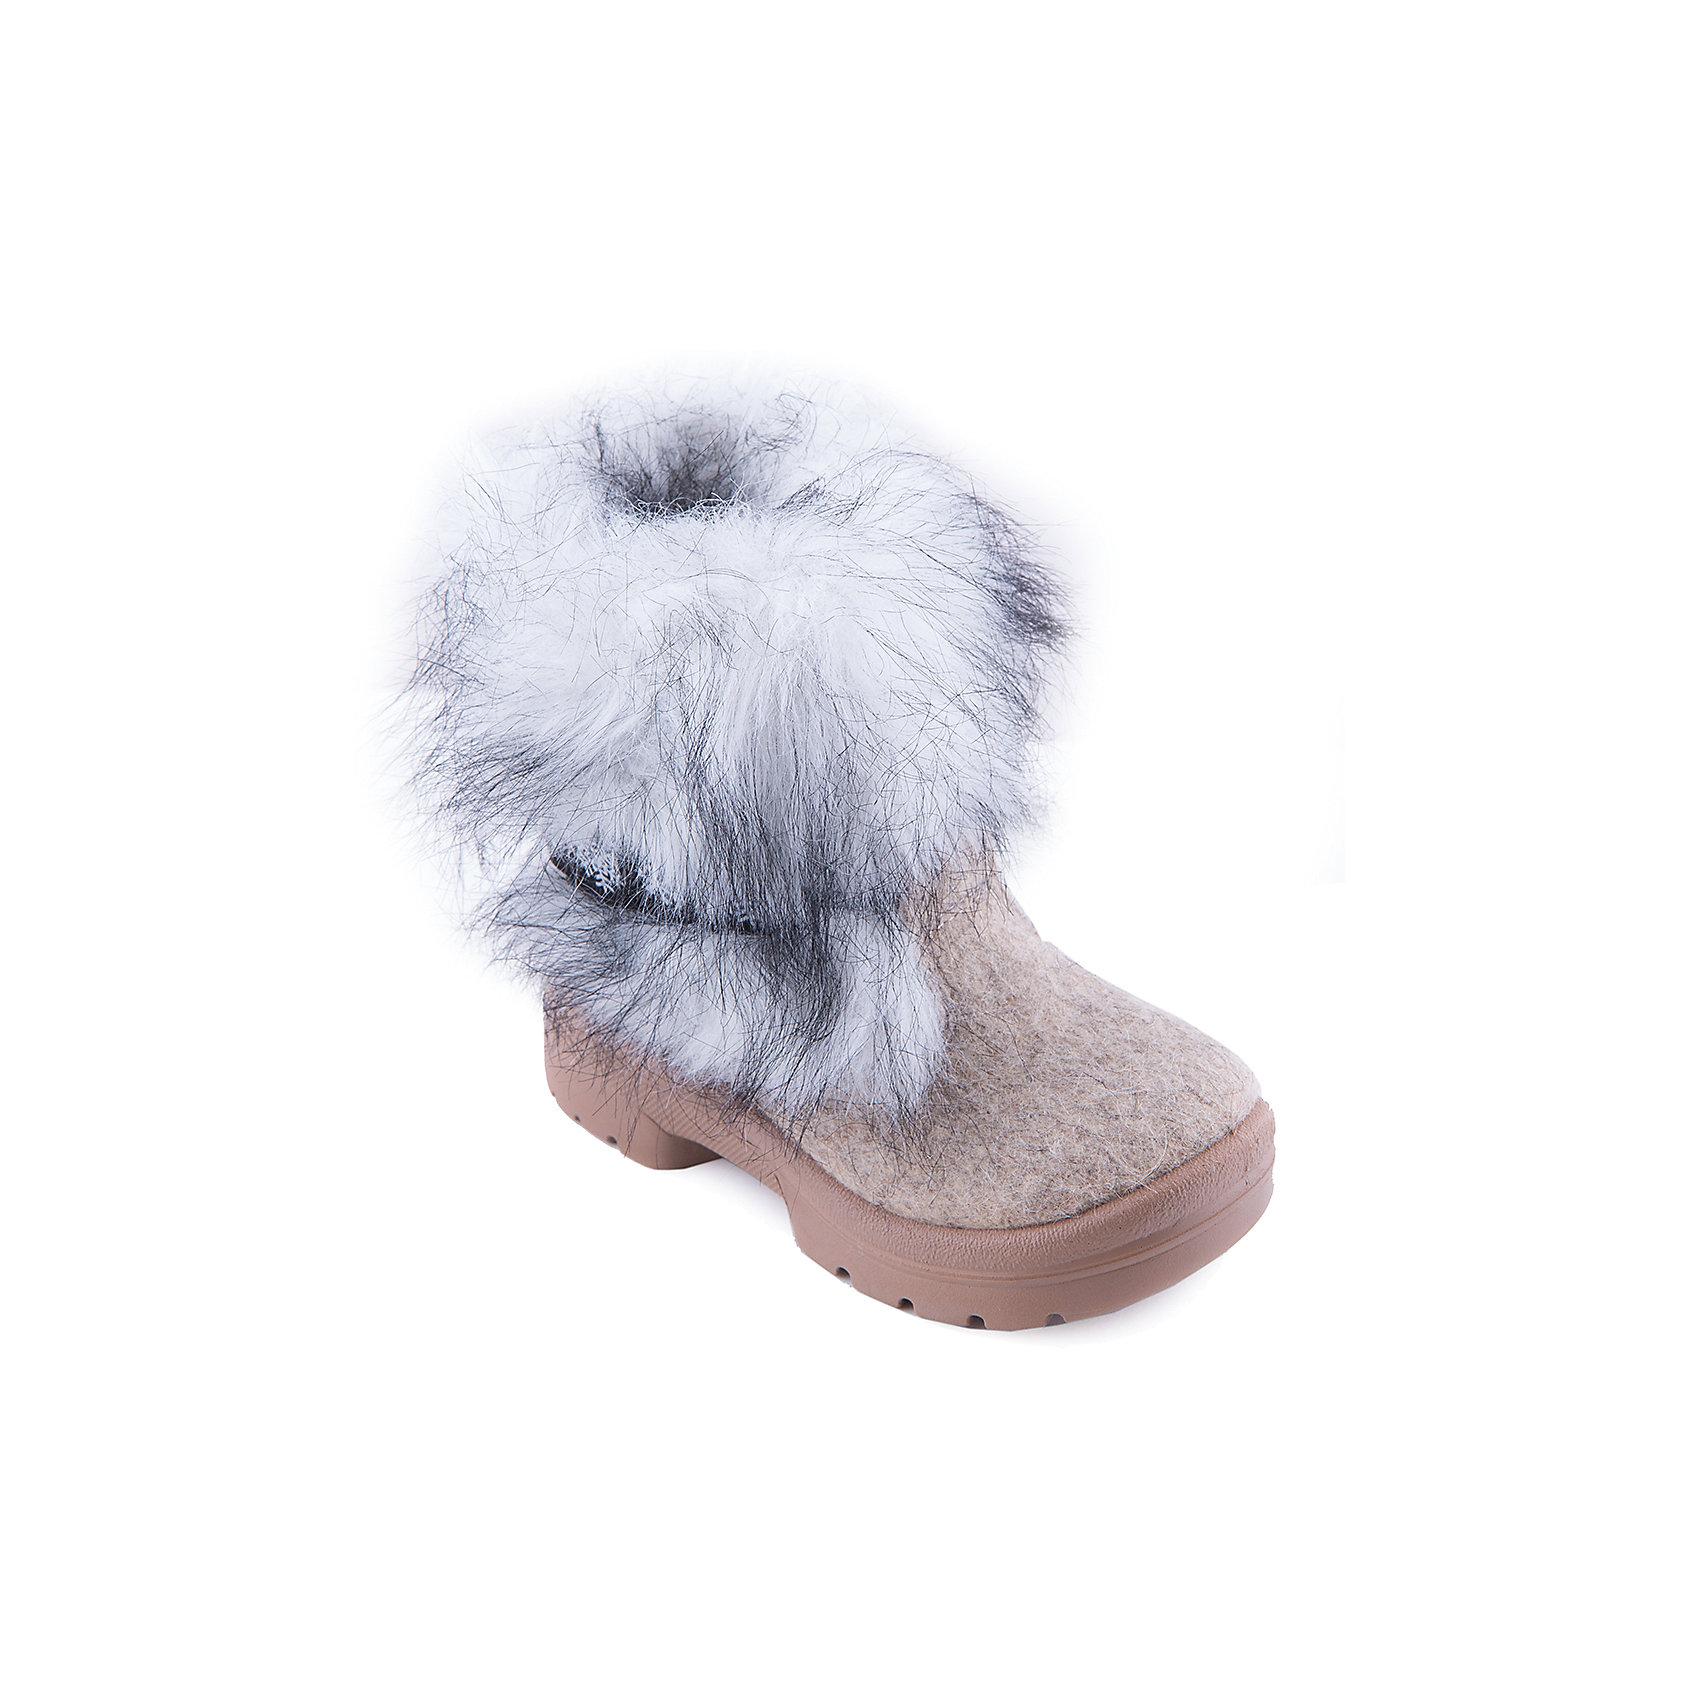 Валенки Ночная сказка ФилипокВаленки<br>Характеристики товара:<br><br>• цвет: серый, белый<br>• температурный режим: от -5° С до -30° С<br>• внешний материал: эко-войлок (натуральная шерсть)<br>• подкладка: натуральная овечья шерсть<br>• стелька: шерстяной войлок (3,5 мм)<br>• подошва: литая, полиуретан<br>• декорированы искусственным мехом<br>• подошва с анти скользящей с системой протектора anti slip<br>• защита носка - натуральная кожа с износостойкой пропиткой<br>• усиленная пятка<br>• толстая устойчивая подошва<br>• страна бренда: РФ<br>• страна изготовитель: РФ<br><br>Очень теплые и удобные валенки для ребенка от известного бренда детской обуви Филипок созданы специально для русской зимы. Качественные материалы с пропиткой против попадания воды внутрь и модный дизайн понравятся и малышам и их родителям. Подошва и стелька обеспечат ребенку комфорт, сухость и тепло, позволяя в полной мере наслаждаться зимним отдыхом. Усиленная защита пятки и носка обеспечивает дополнительную безопасность детских ног в этих сапожках.<br>Эта красивая и удобная обувь прослужит долго благодаря отличному качеству. Производитель анти скользящее покрытие и амортизирующие свойства подошвы! Модель производится из качественных и проверенных материалов, которые безопасны для детей.<br><br>Валенки от бренда Филипок можно купить в нашем интернет-магазине.<br><br>Ширина мм: 257<br>Глубина мм: 180<br>Высота мм: 130<br>Вес г: 420<br>Цвет: серый/белый<br>Возраст от месяцев: 21<br>Возраст до месяцев: 24<br>Пол: Унисекс<br>Возраст: Детский<br>Размер: 24,30,32,26,31,29,28,27,25<br>SKU: 3341821